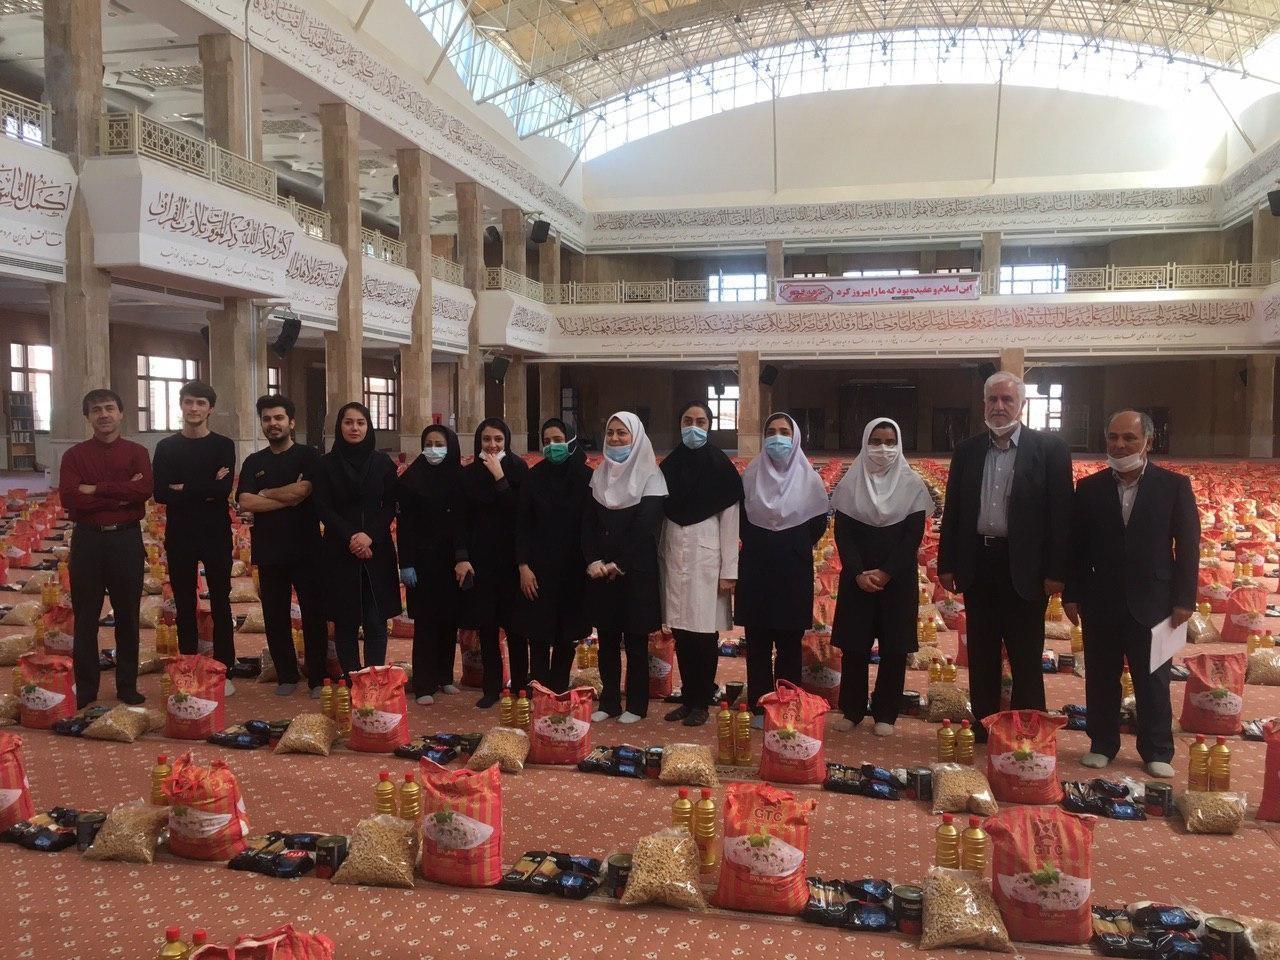 قرار است در گام نخست ۵ هزار بسته غذایی بین محرومان استان توزیع شود